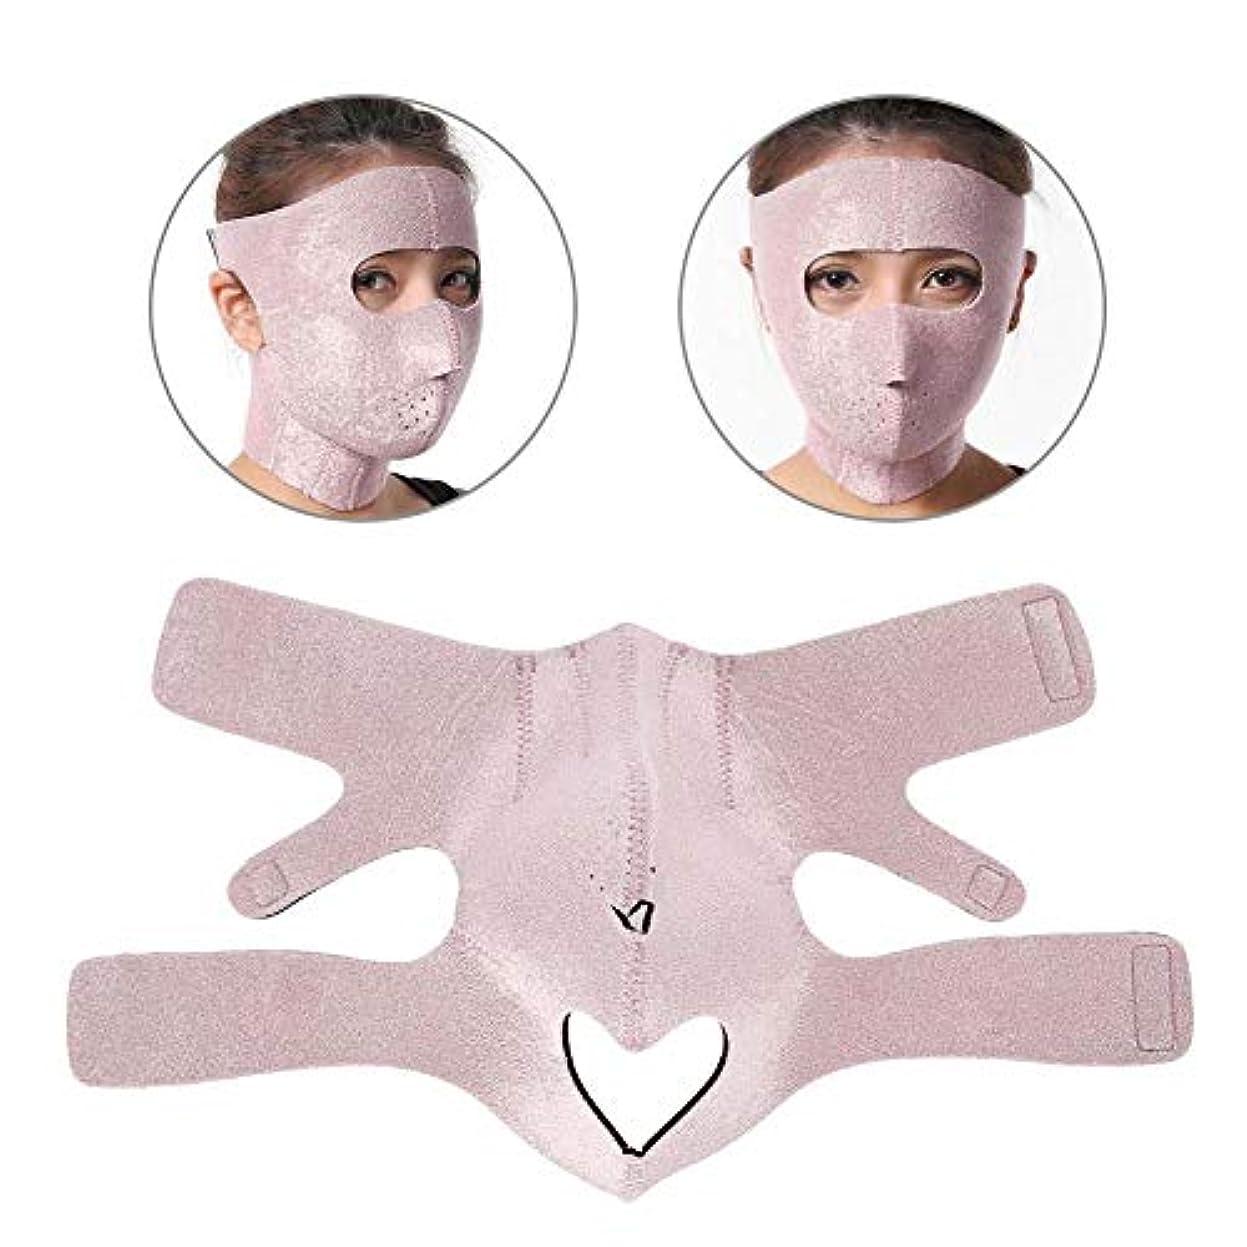 普及発動機葉巻顔の輪郭を改善する 美容包帯 フェイスリフト用フェイスマスク 通気性/伸縮性/変形不可